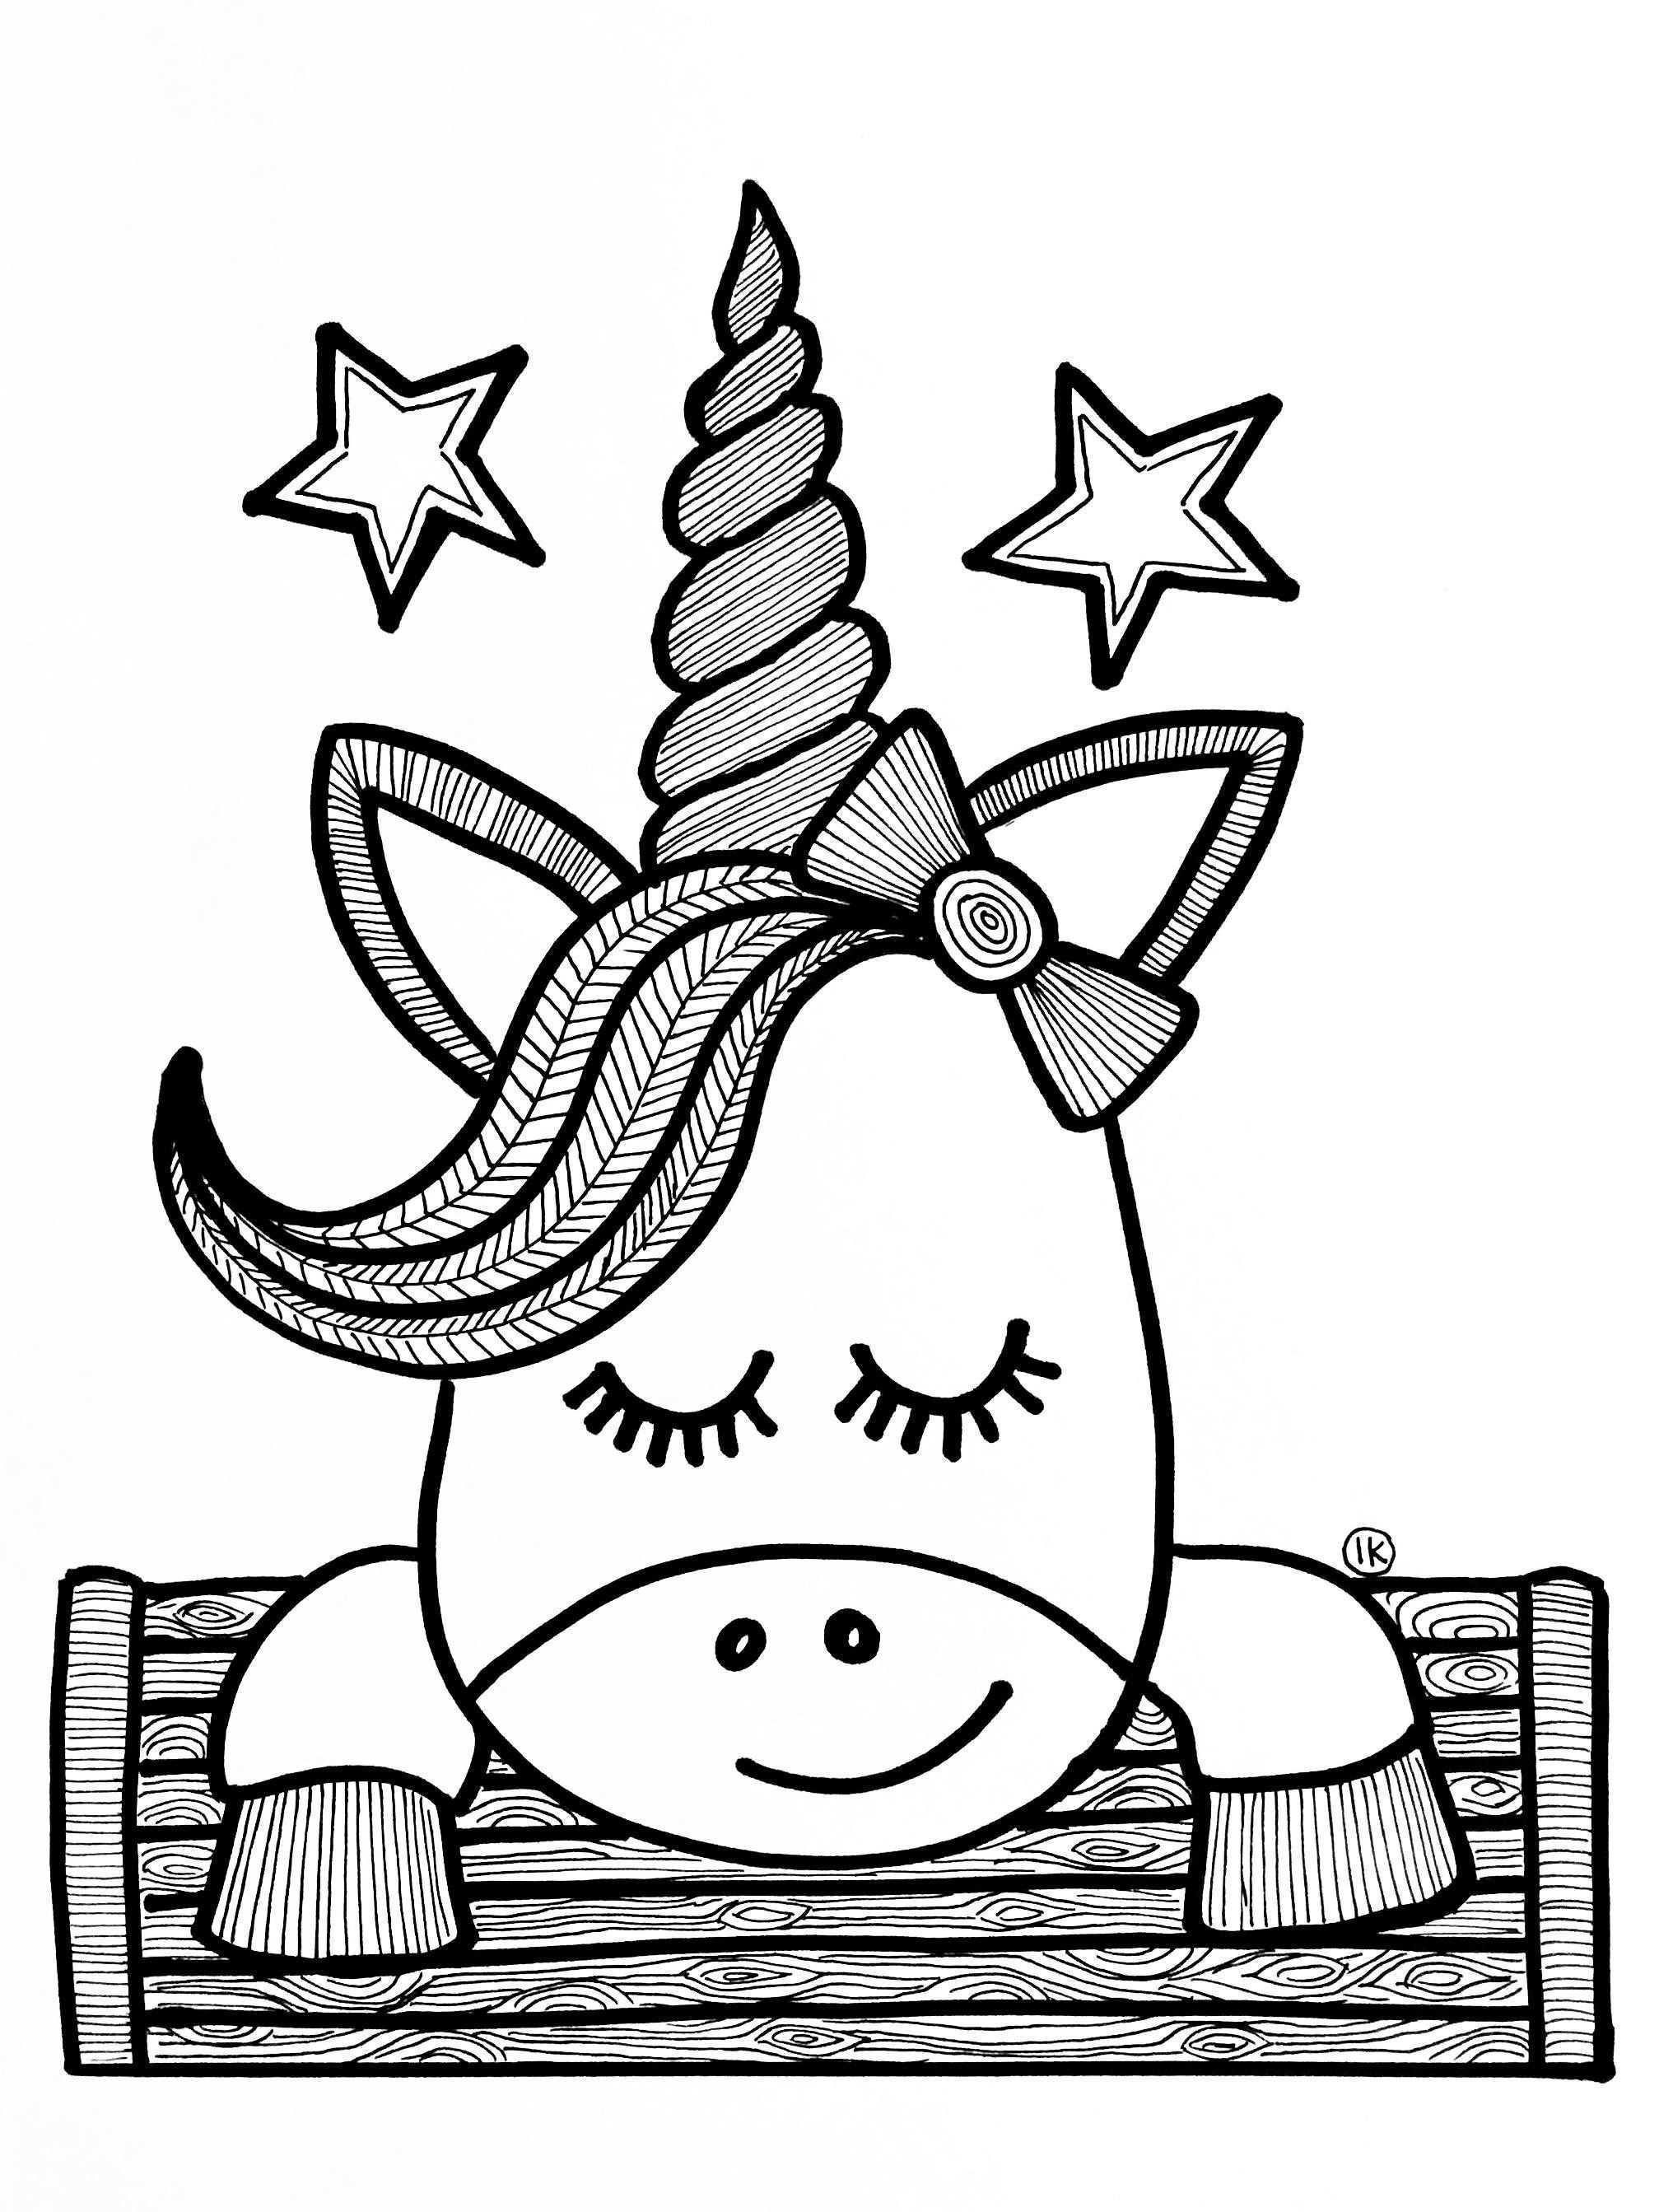 Eenhoorn Unicorns Kleurplaten Kleurplaat Kleurplaten Tekeningen Kids Meisjes Unicorns